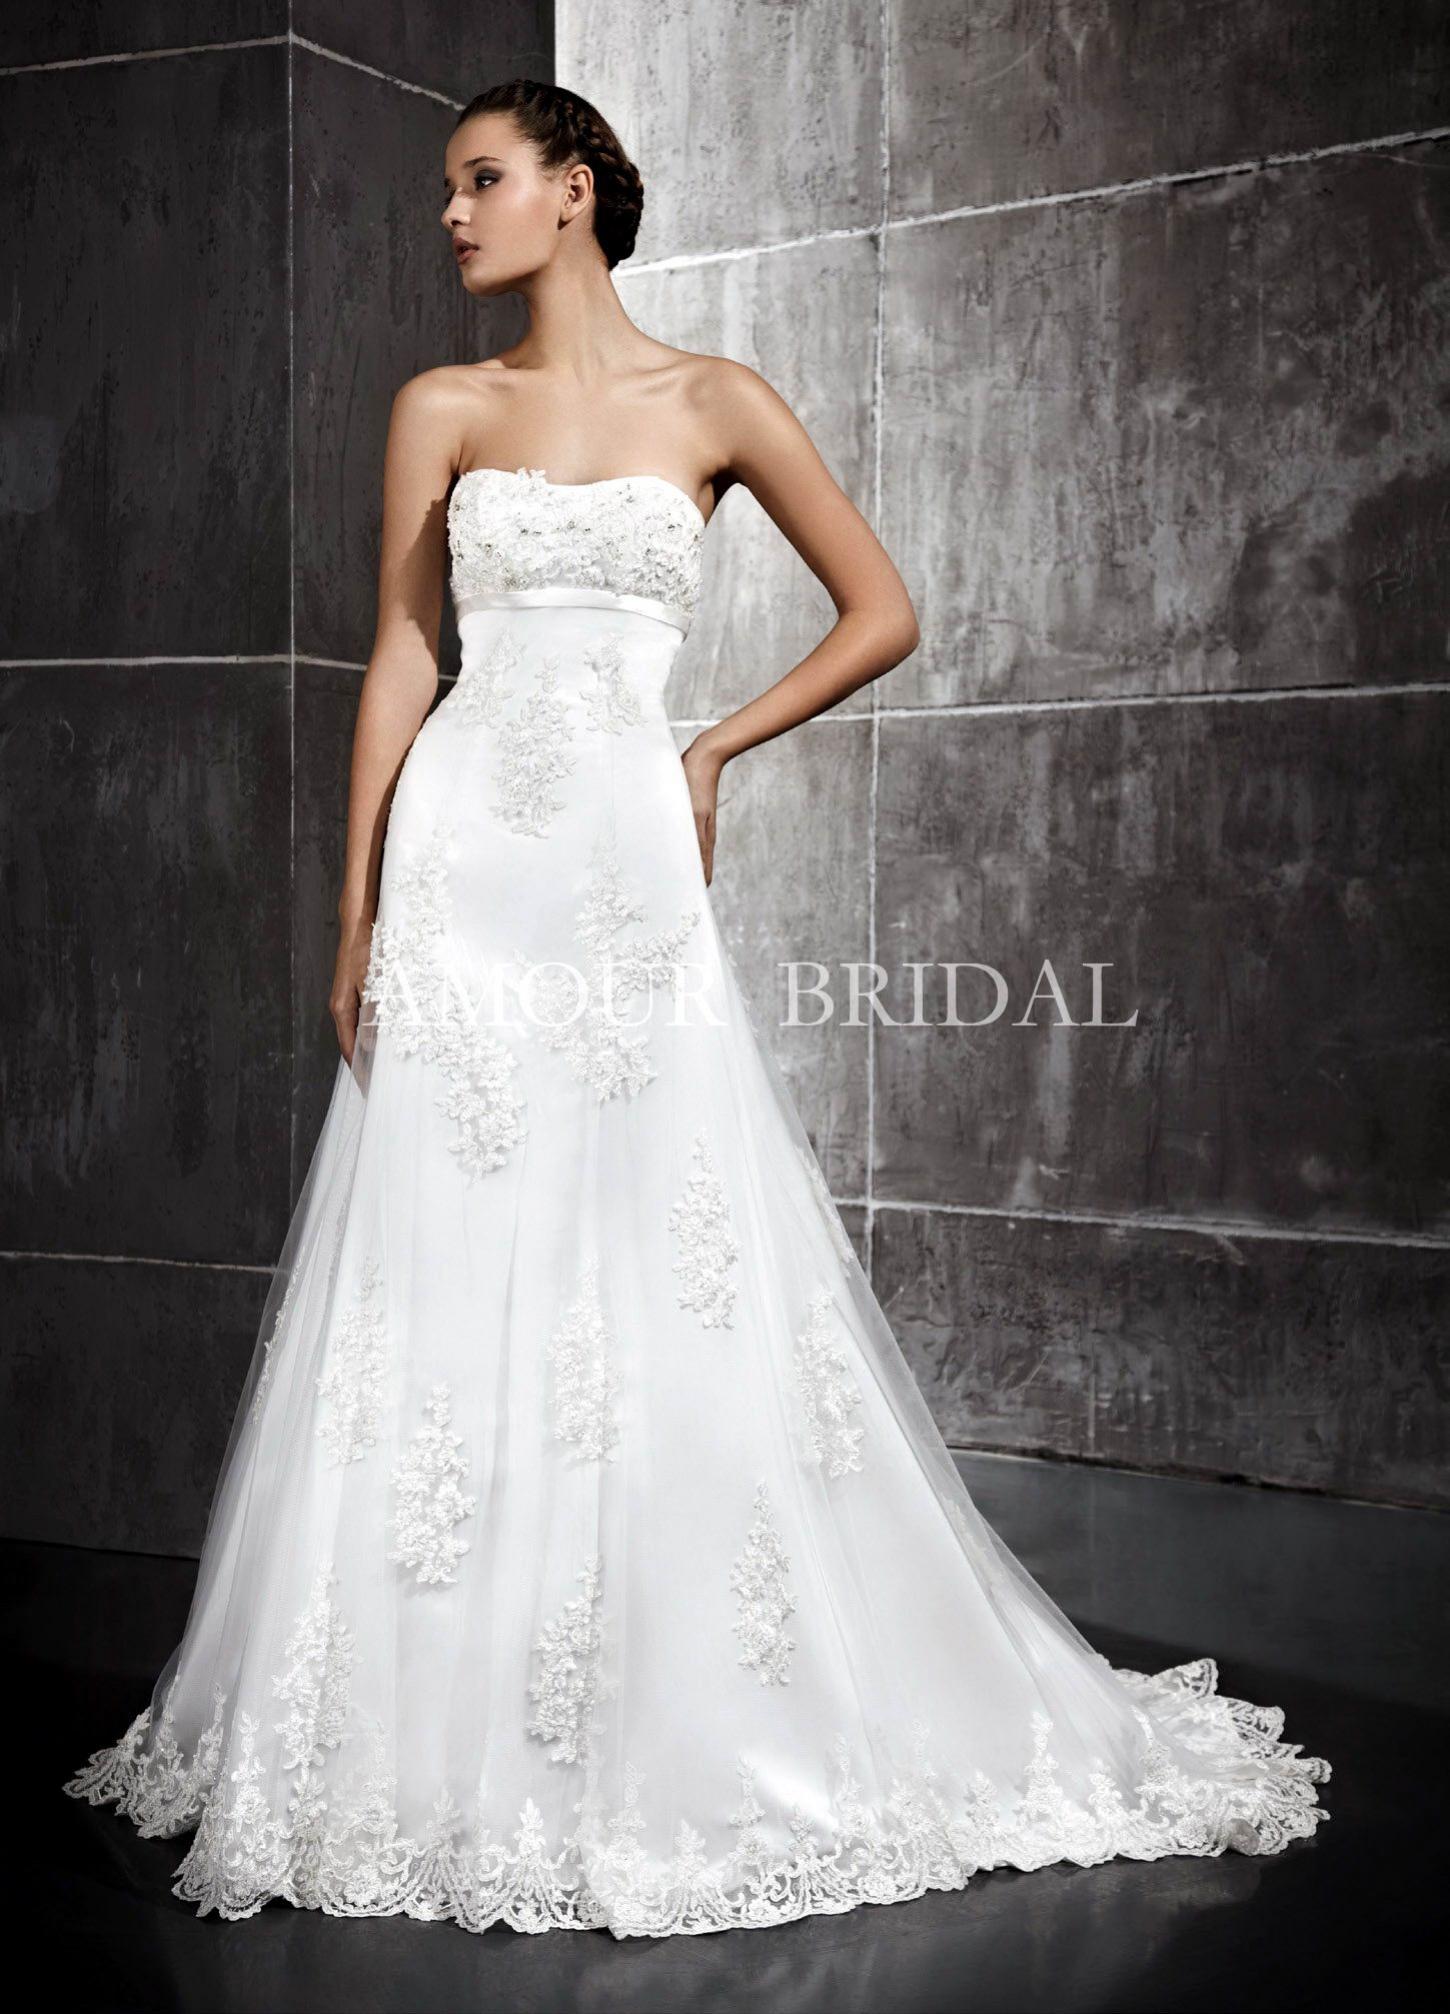 Если Вам необходимо купить свадебное платье в Уфе, платья на новый год, свадебные шляпки, то наш свадебный салон предложит самый большой